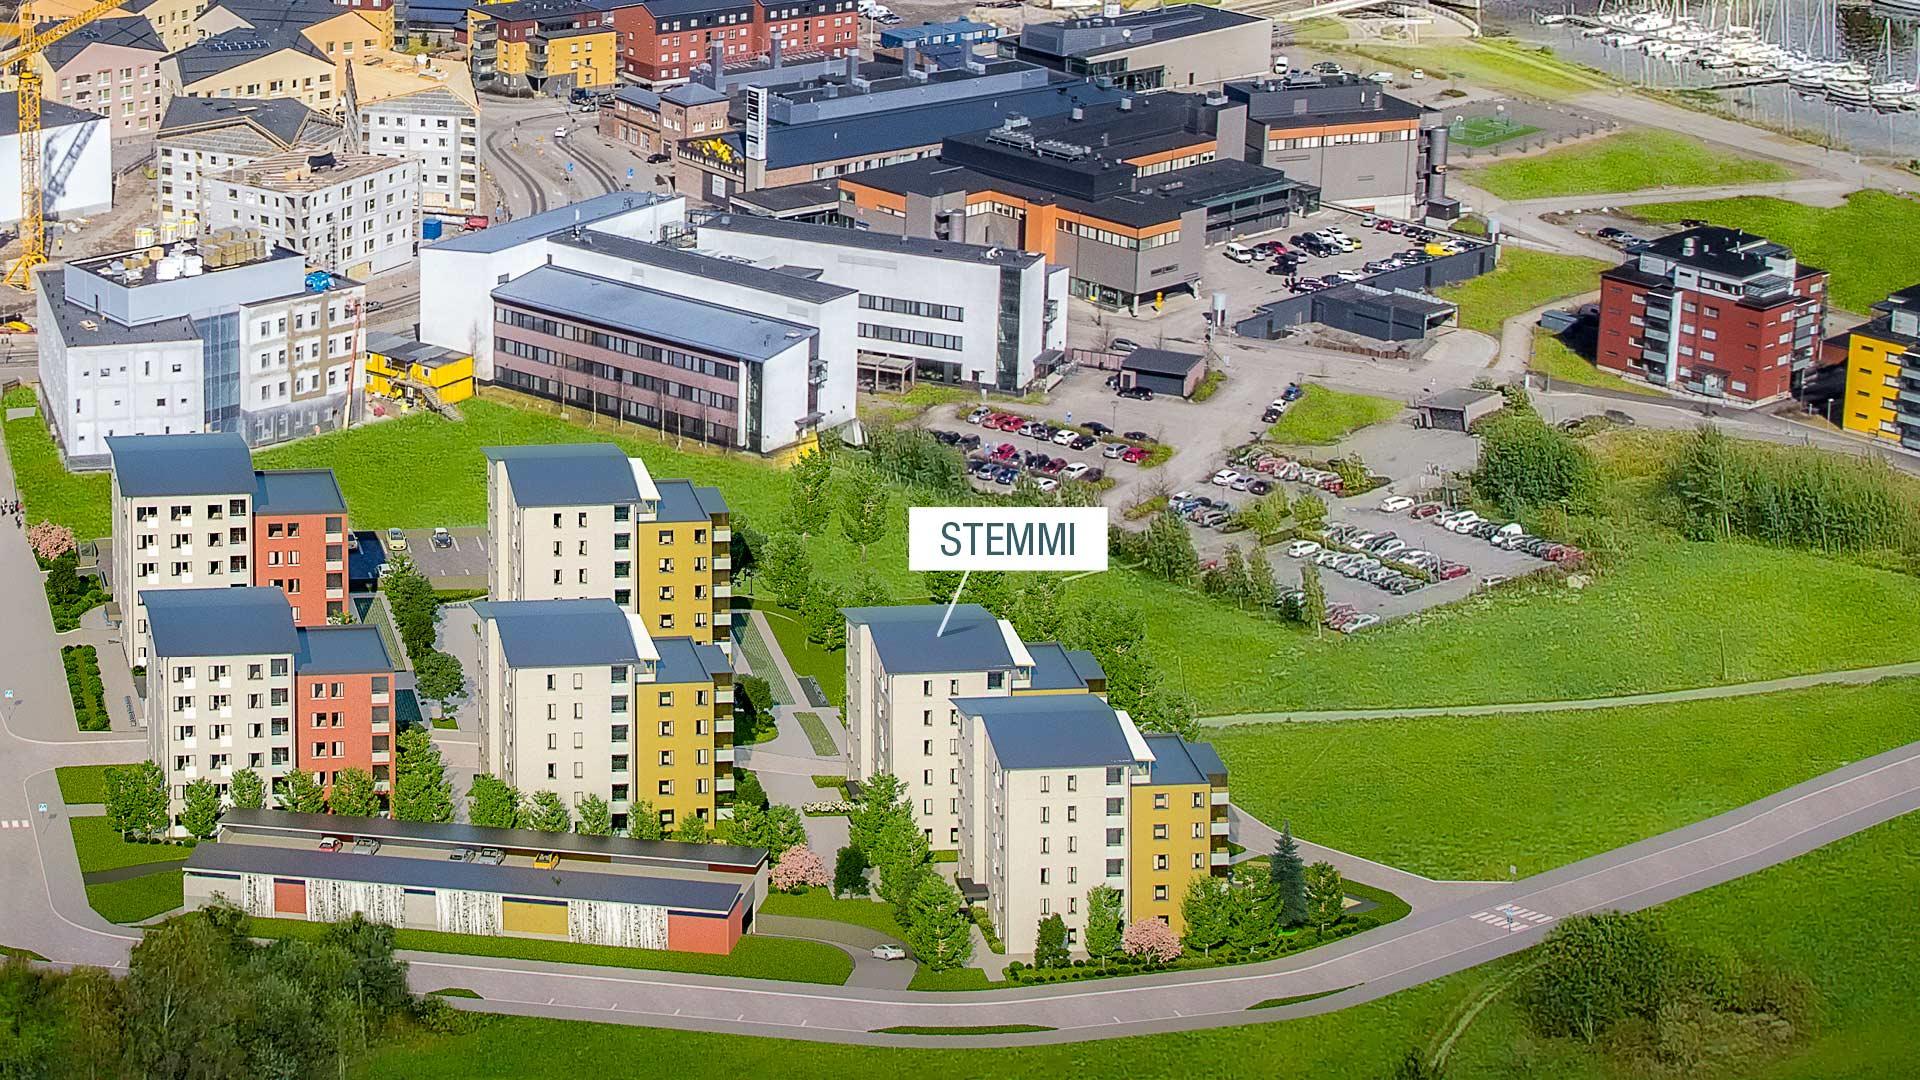 Visualisointi Hellbergin korttelista - Porvoon Stemmi - YIT